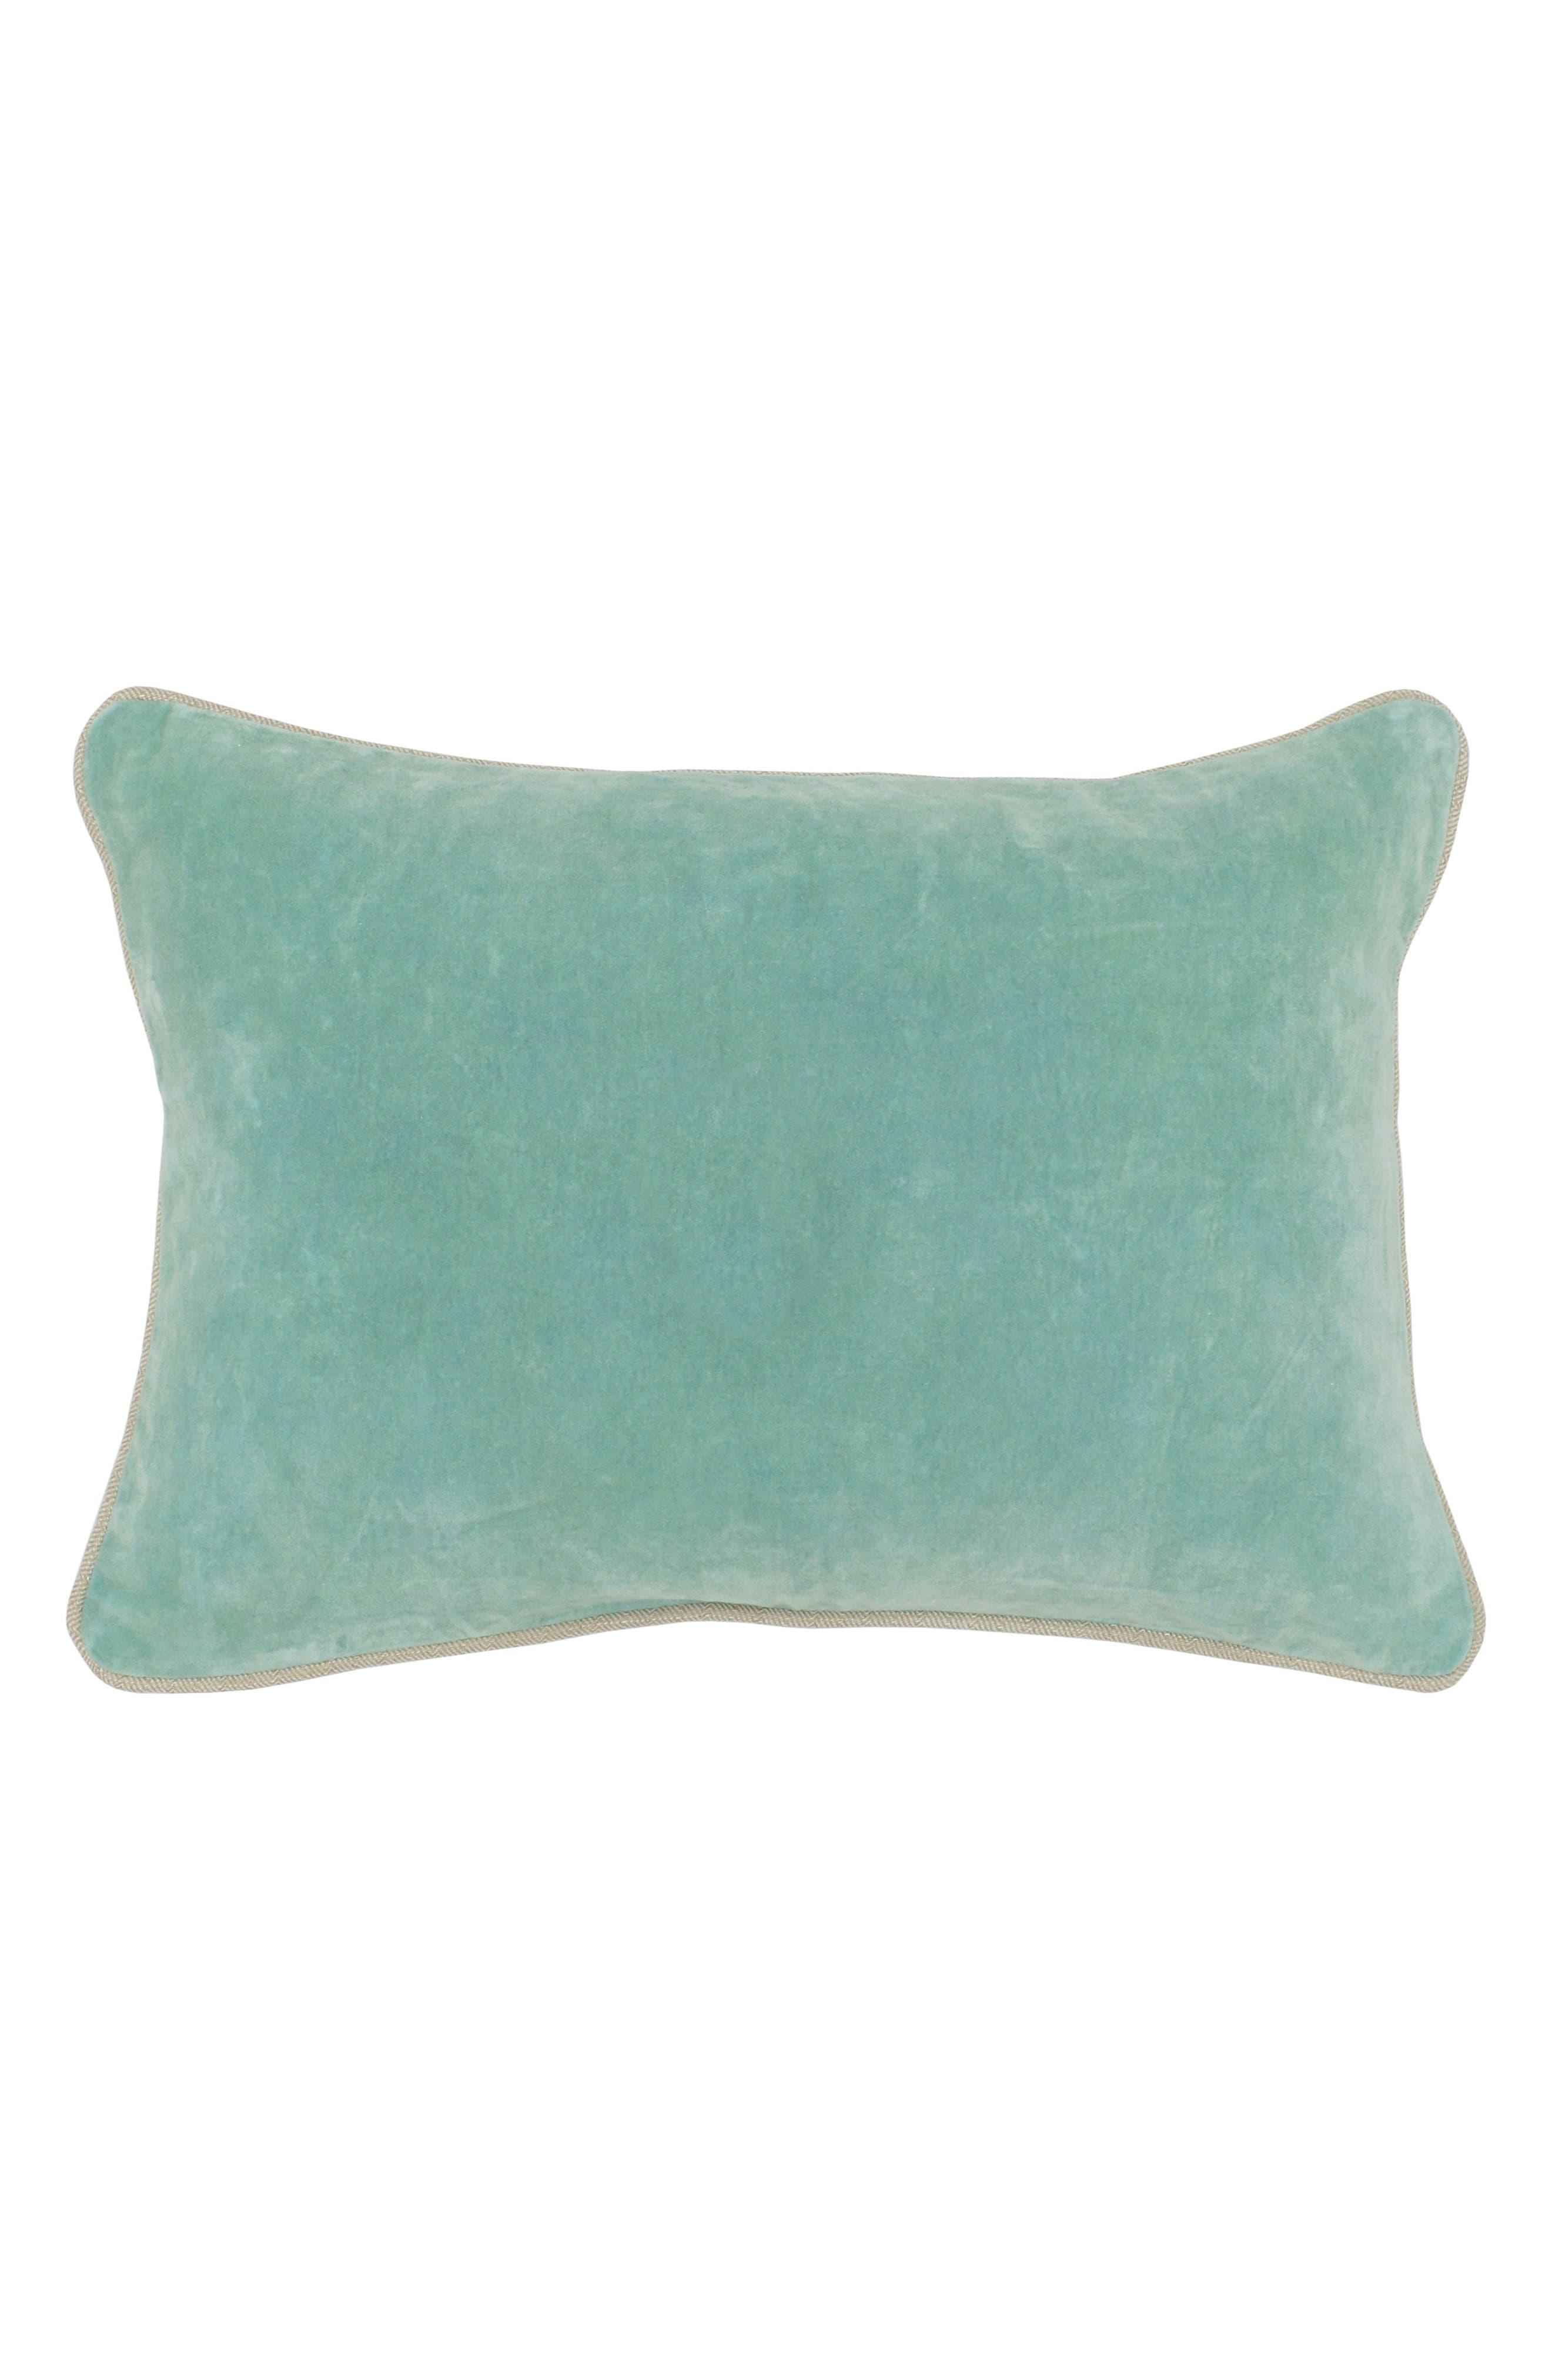 Heirloom Velvet Accent Pillow,                             Main thumbnail 1, color,                             Tidal Blue